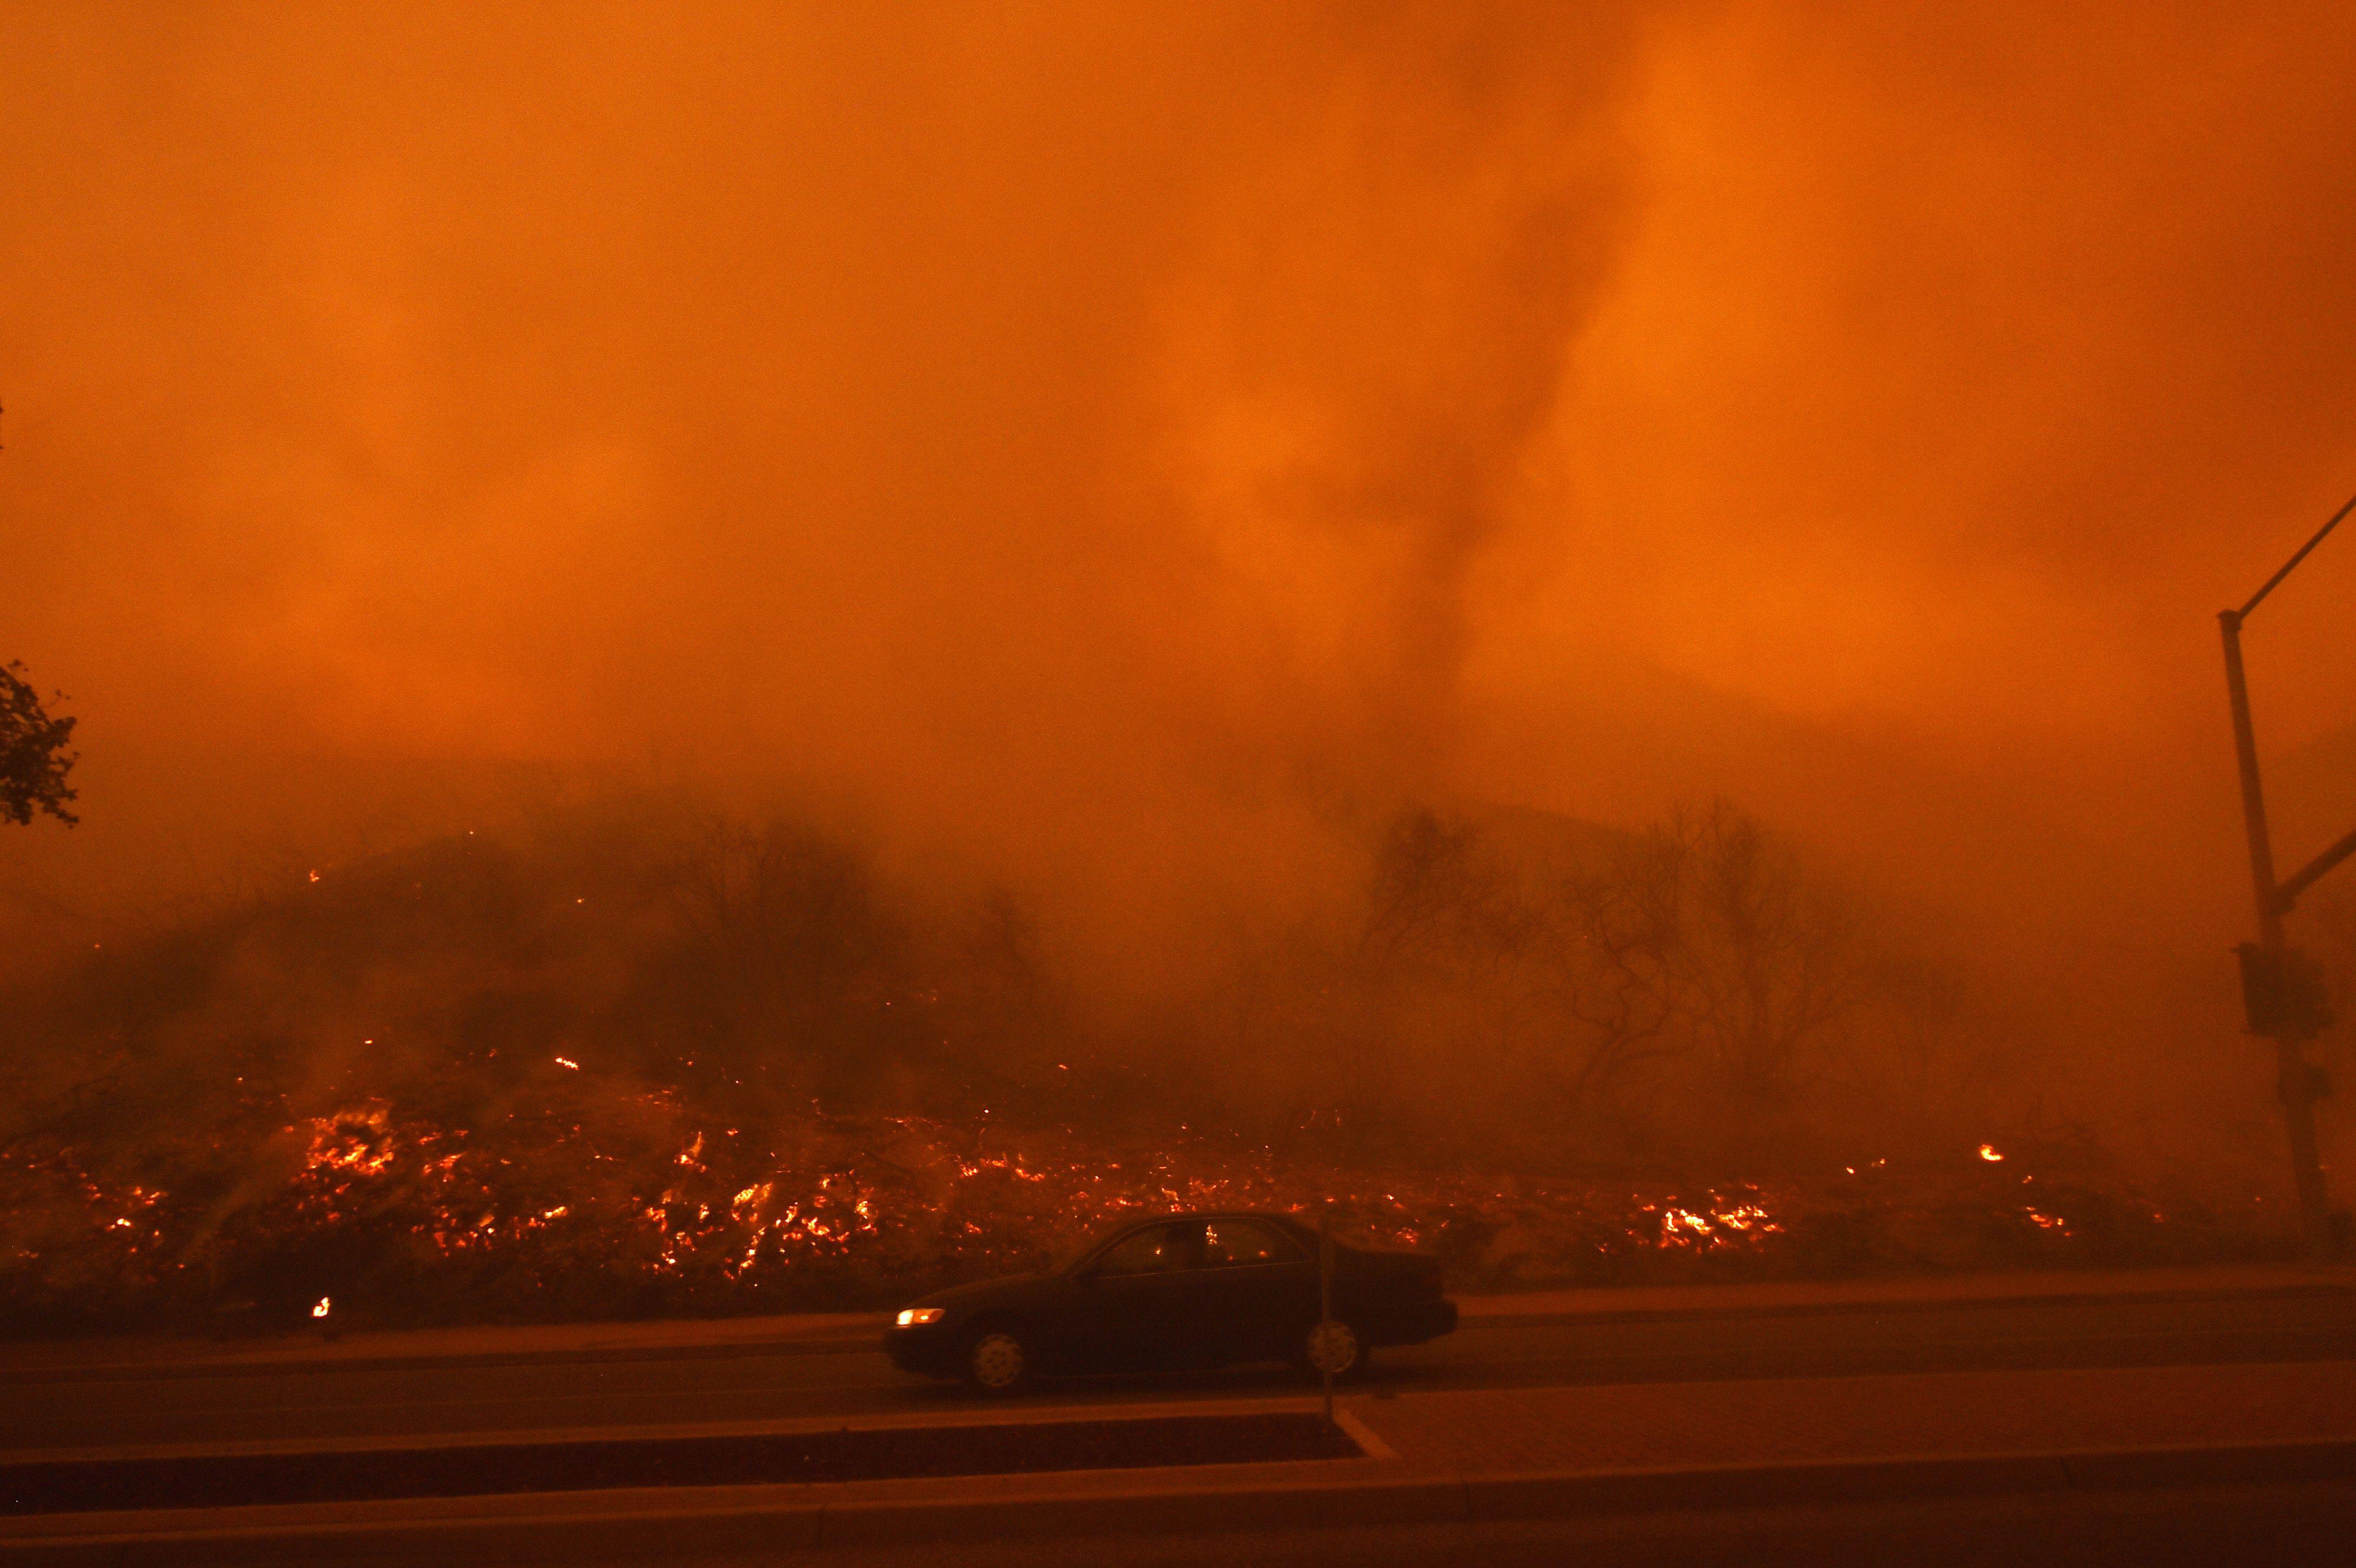 النيران والدخان فى حرائق الغابات